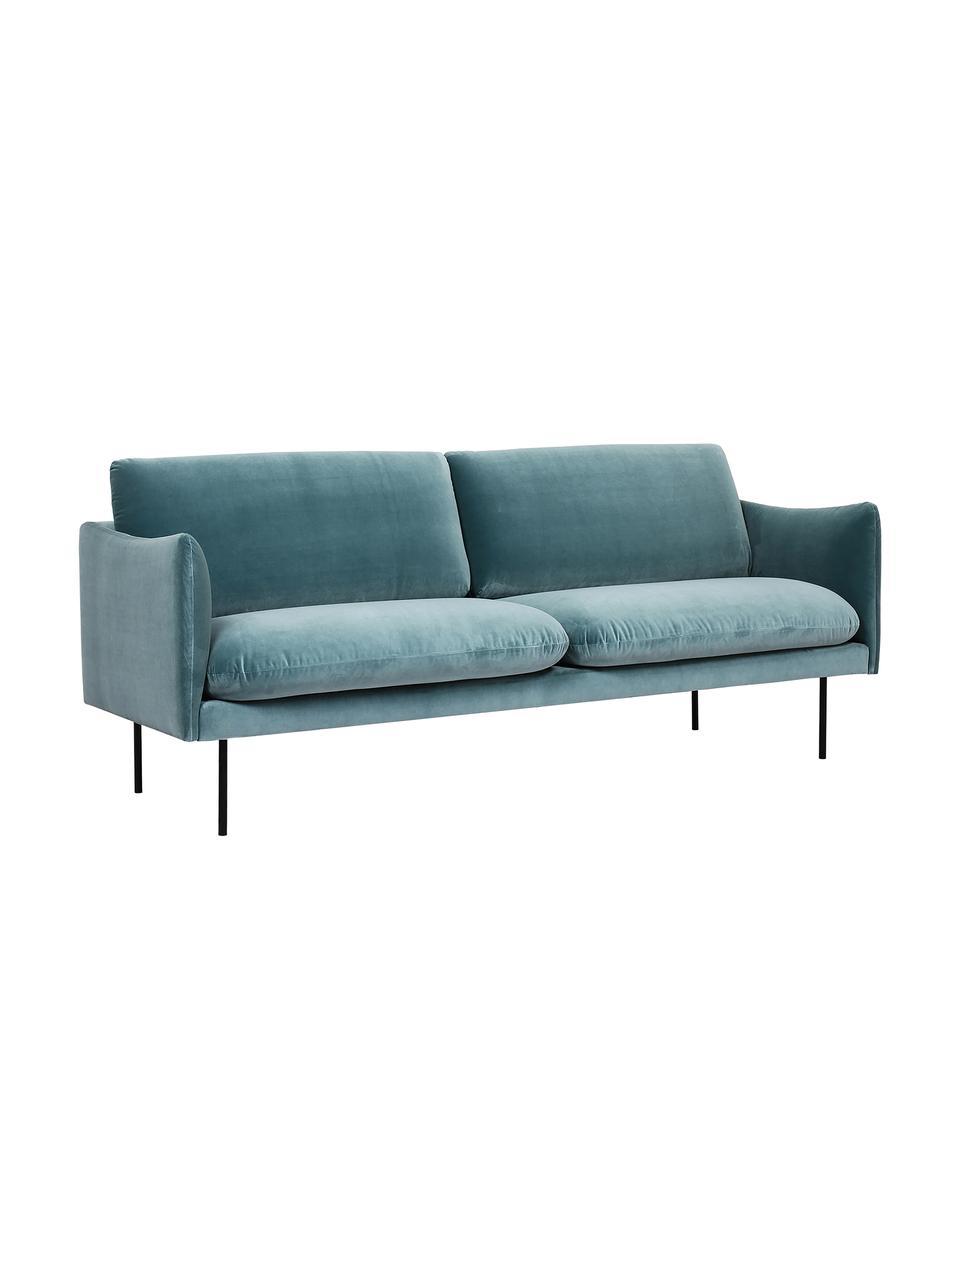 Sofa z aksamitu z metalowymi nogami Moby (2-osobowa), Tapicerka: aksamit (wysokiej jakości, Stelaż: lite drewno sosnowe, Nogi: metal malowany proszkowo, Aksamitny turkusowy, S 170 x G 95 cm